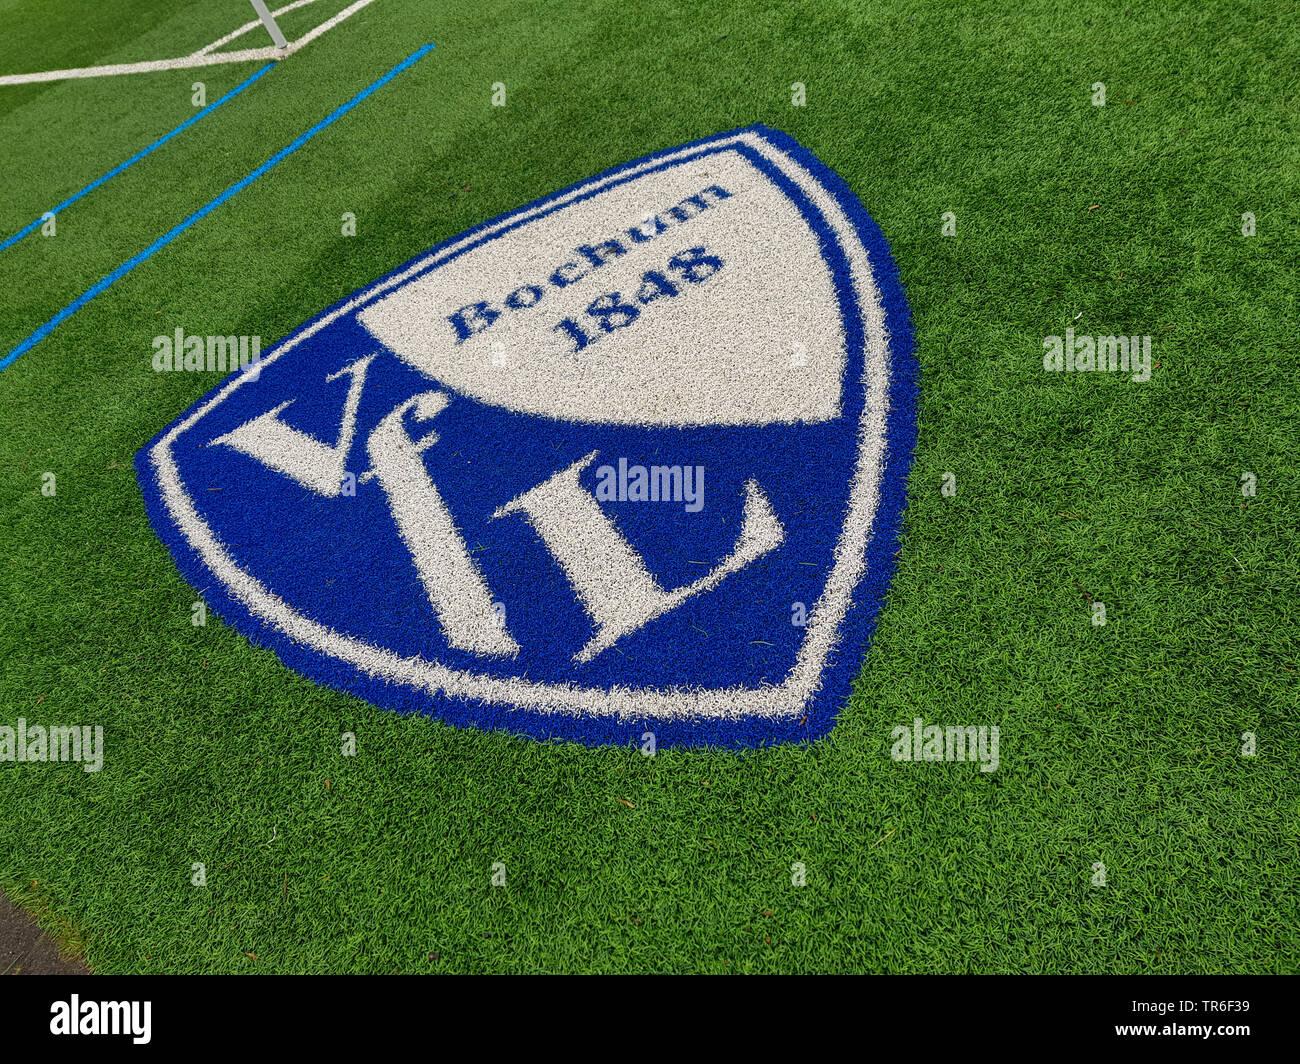 Wappen des VfL Bochum gesprueht auf dem Fussballrasen, Deutschland, NRW, Ruhrgebiet, Bochum | blazon of the football club VfL Bochum sprayed on a foot - Stock Image